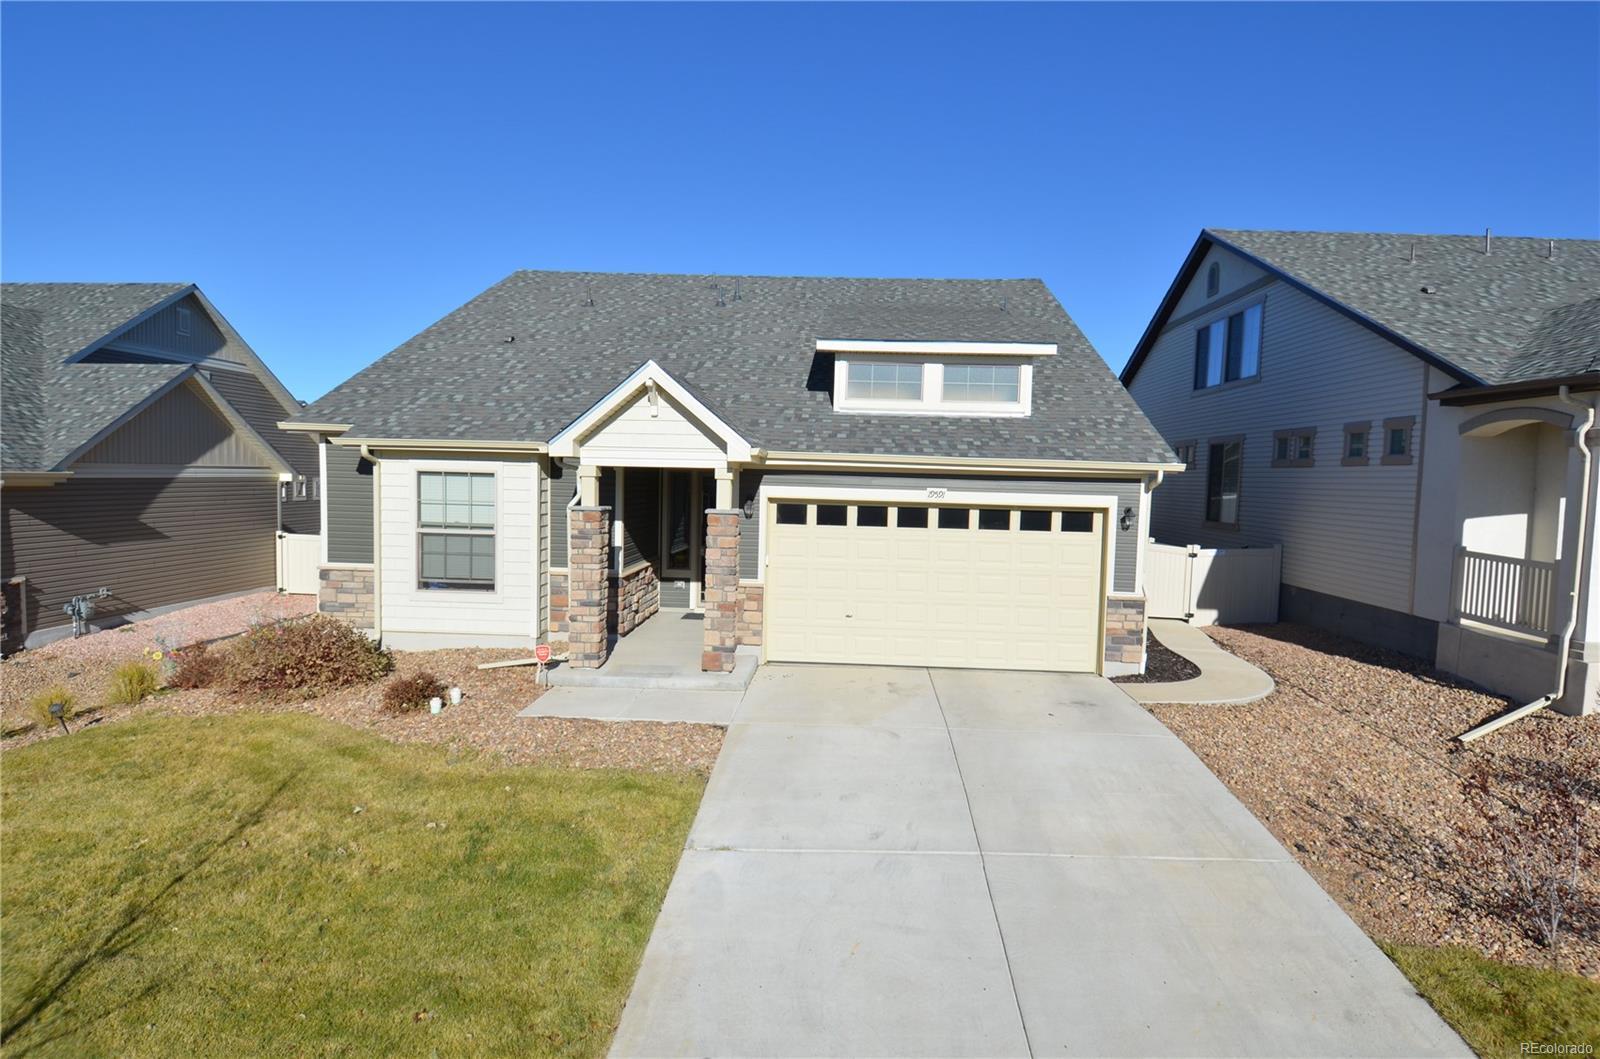 19591 E 53rd Avenue, Denver, CO 80249 - Denver, CO real estate listing